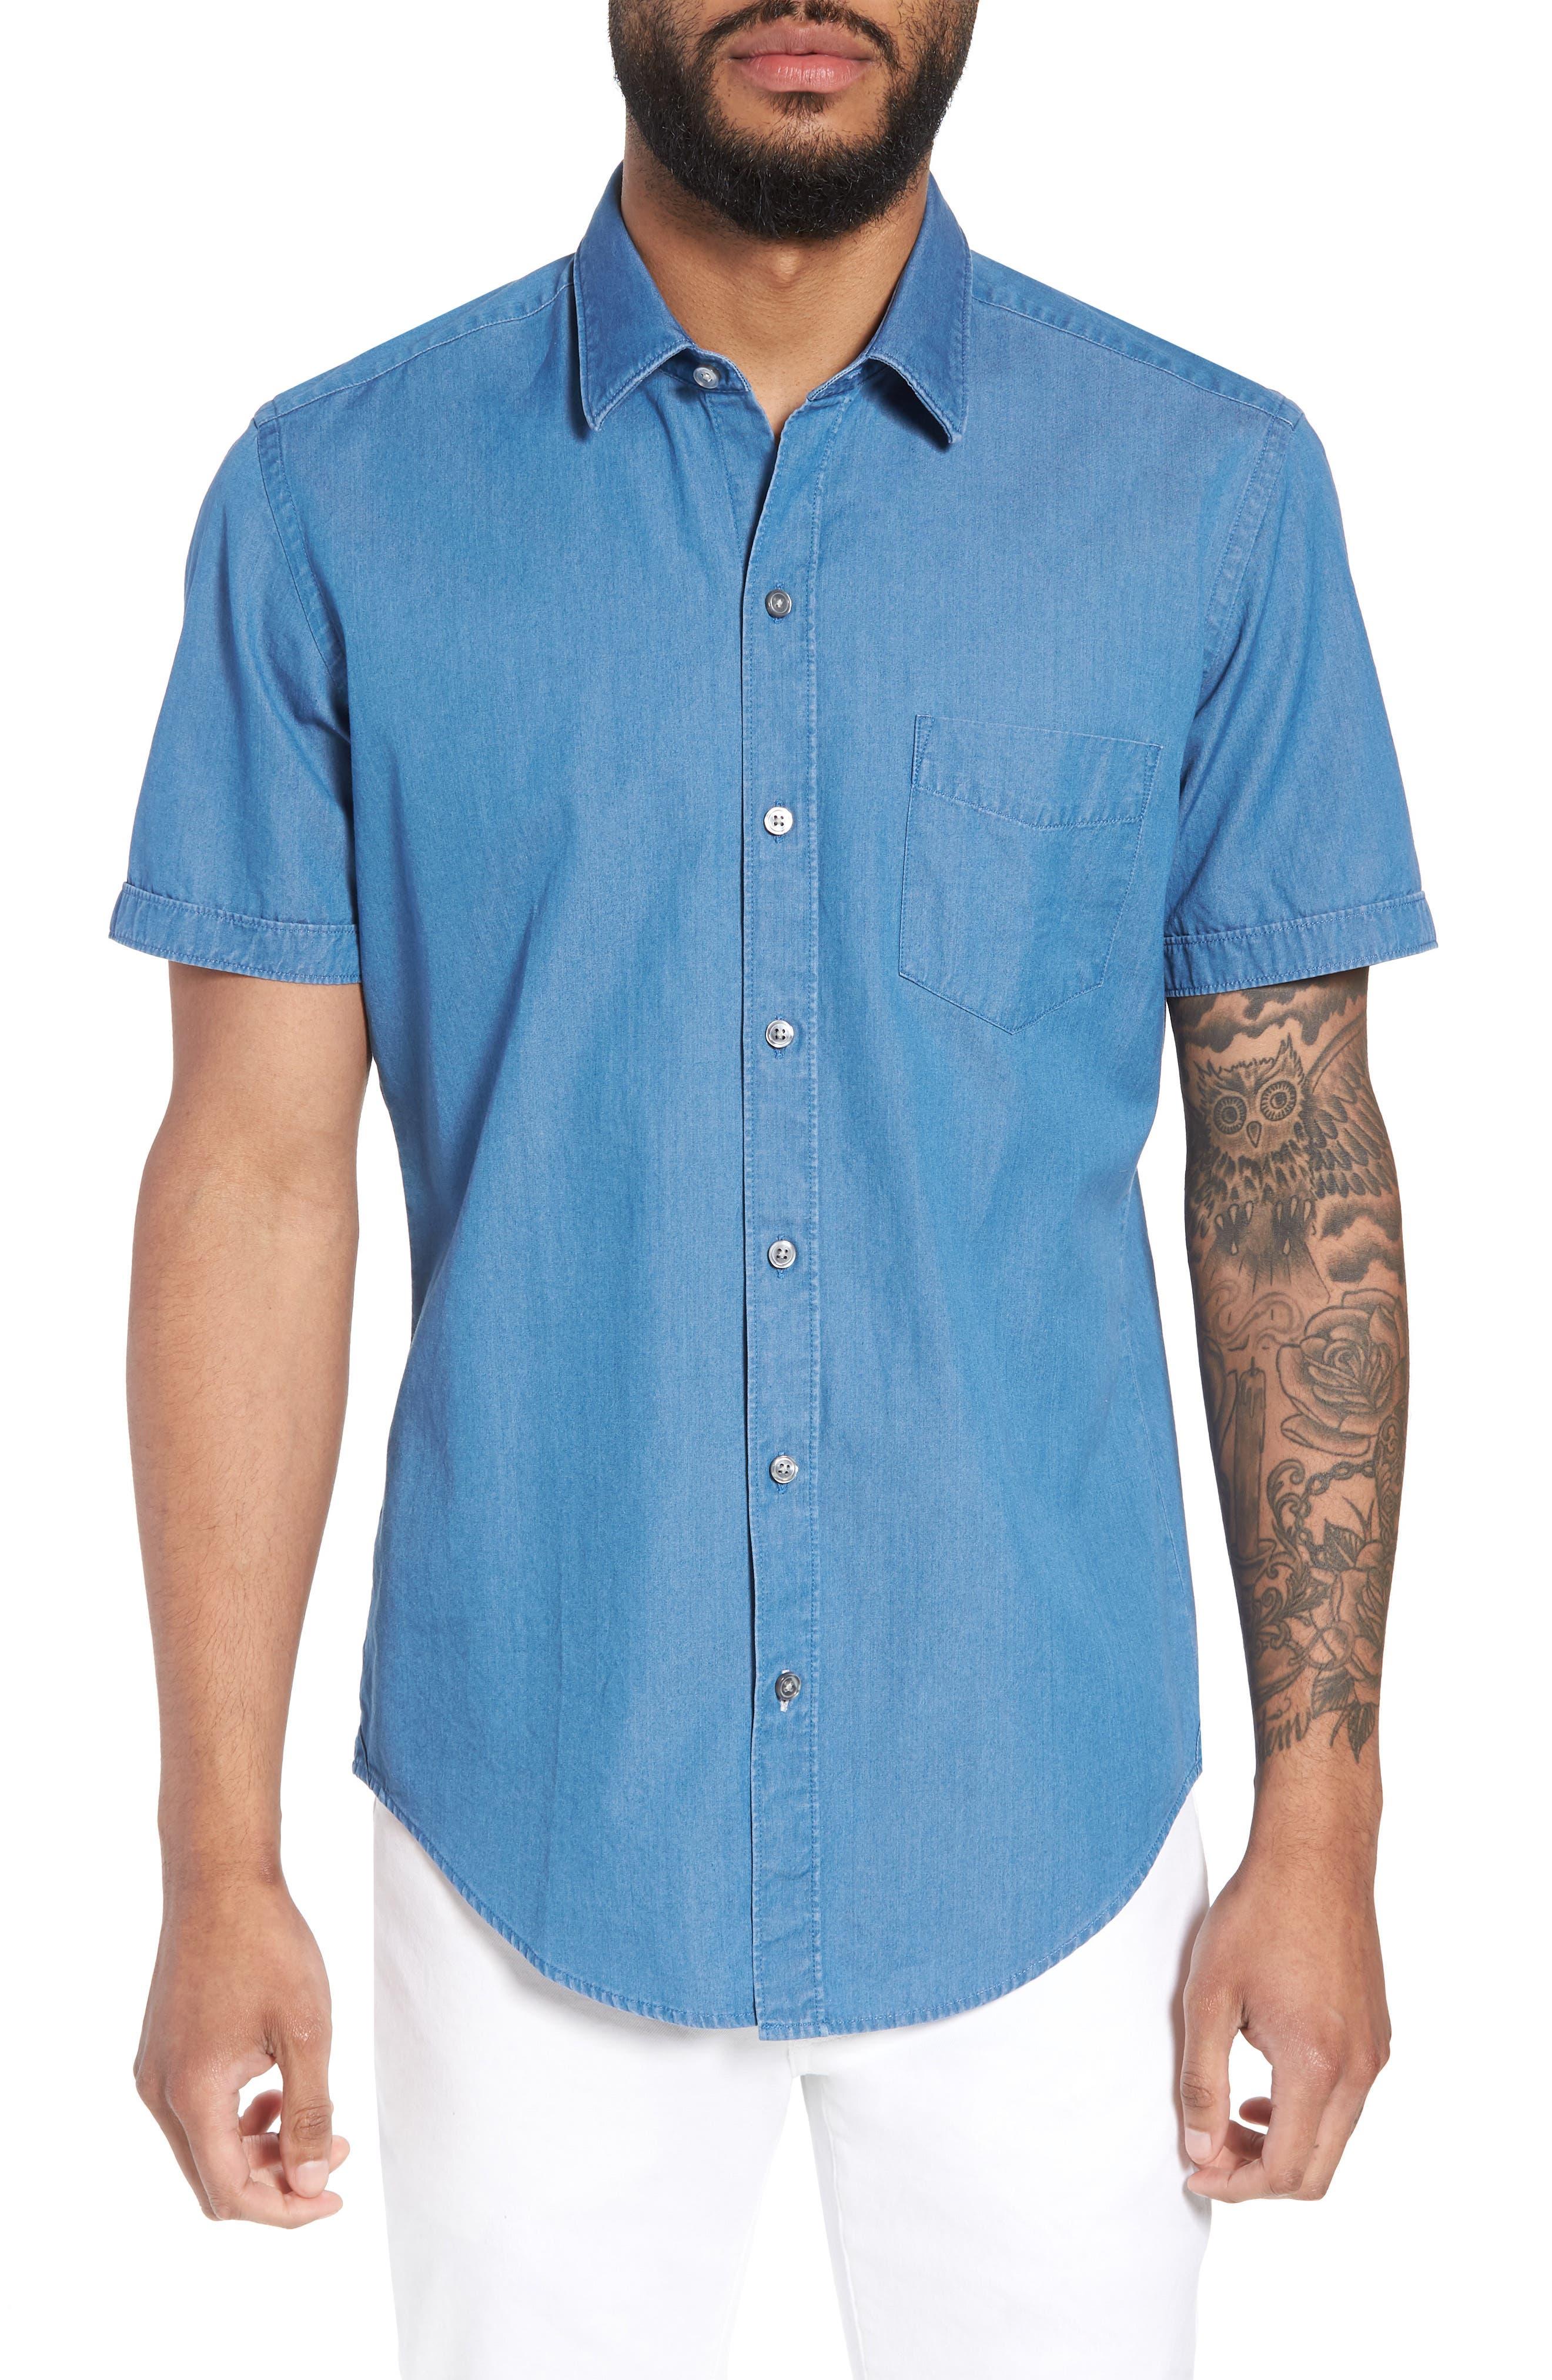 Main Image - BOSS Robb Trim Fit Denim Short Sleeve Sport Shirt